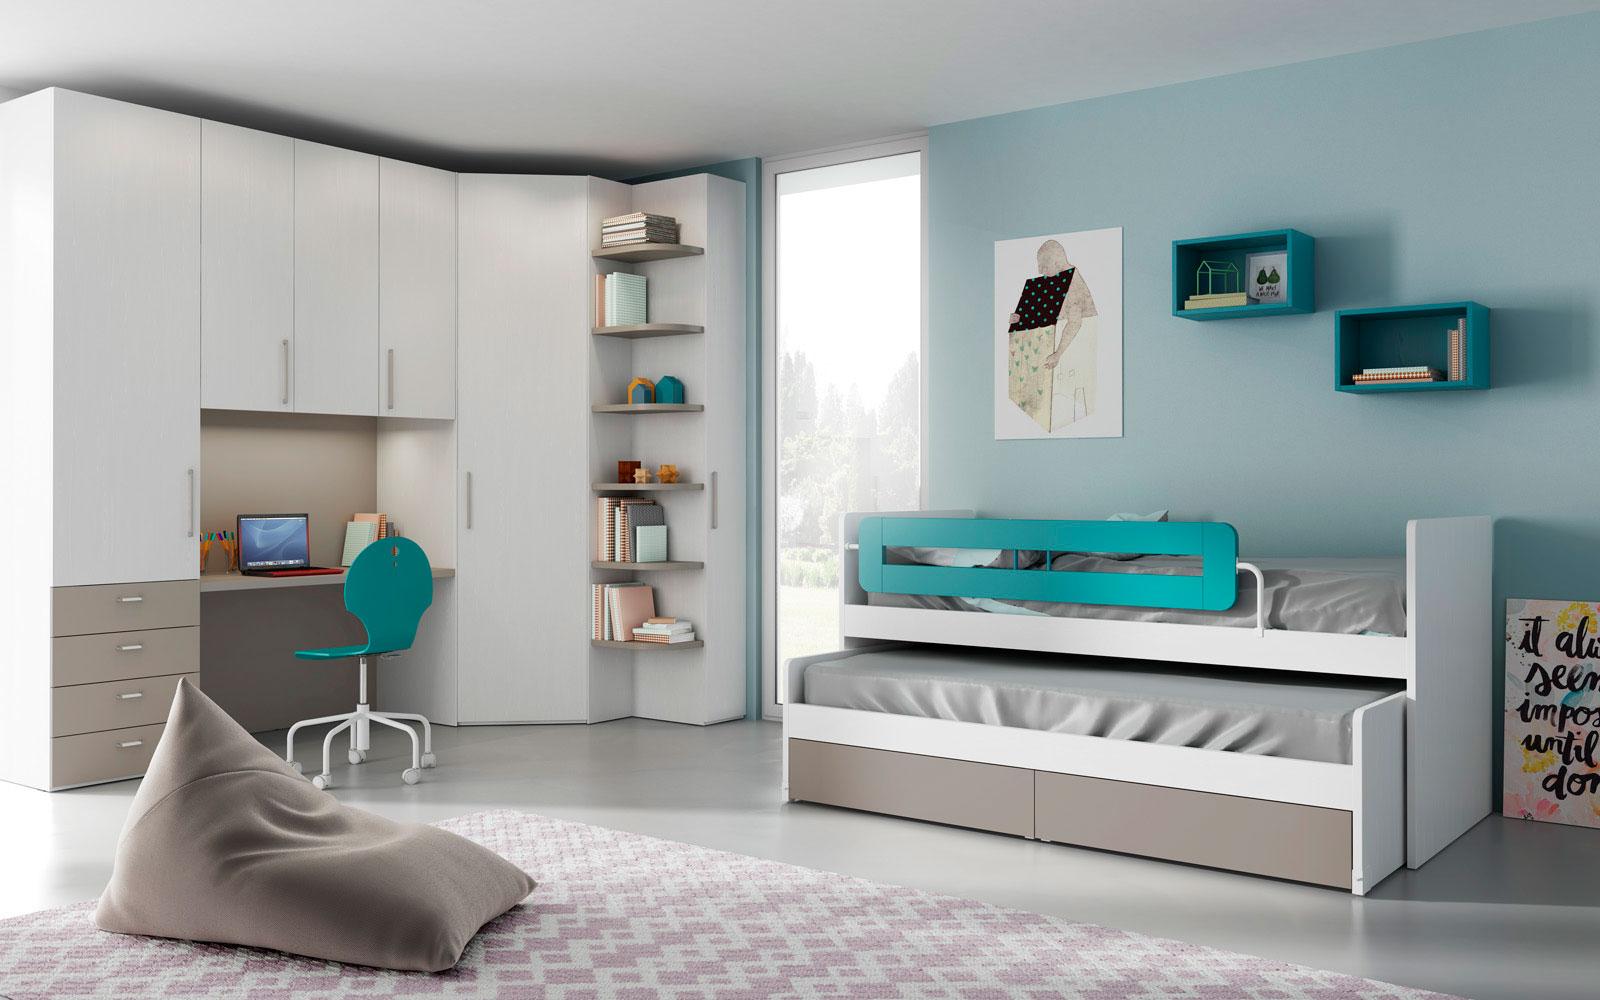 Camerette per ragazzi e camere per bambini gruppo gradi - Camerette design bambini ...